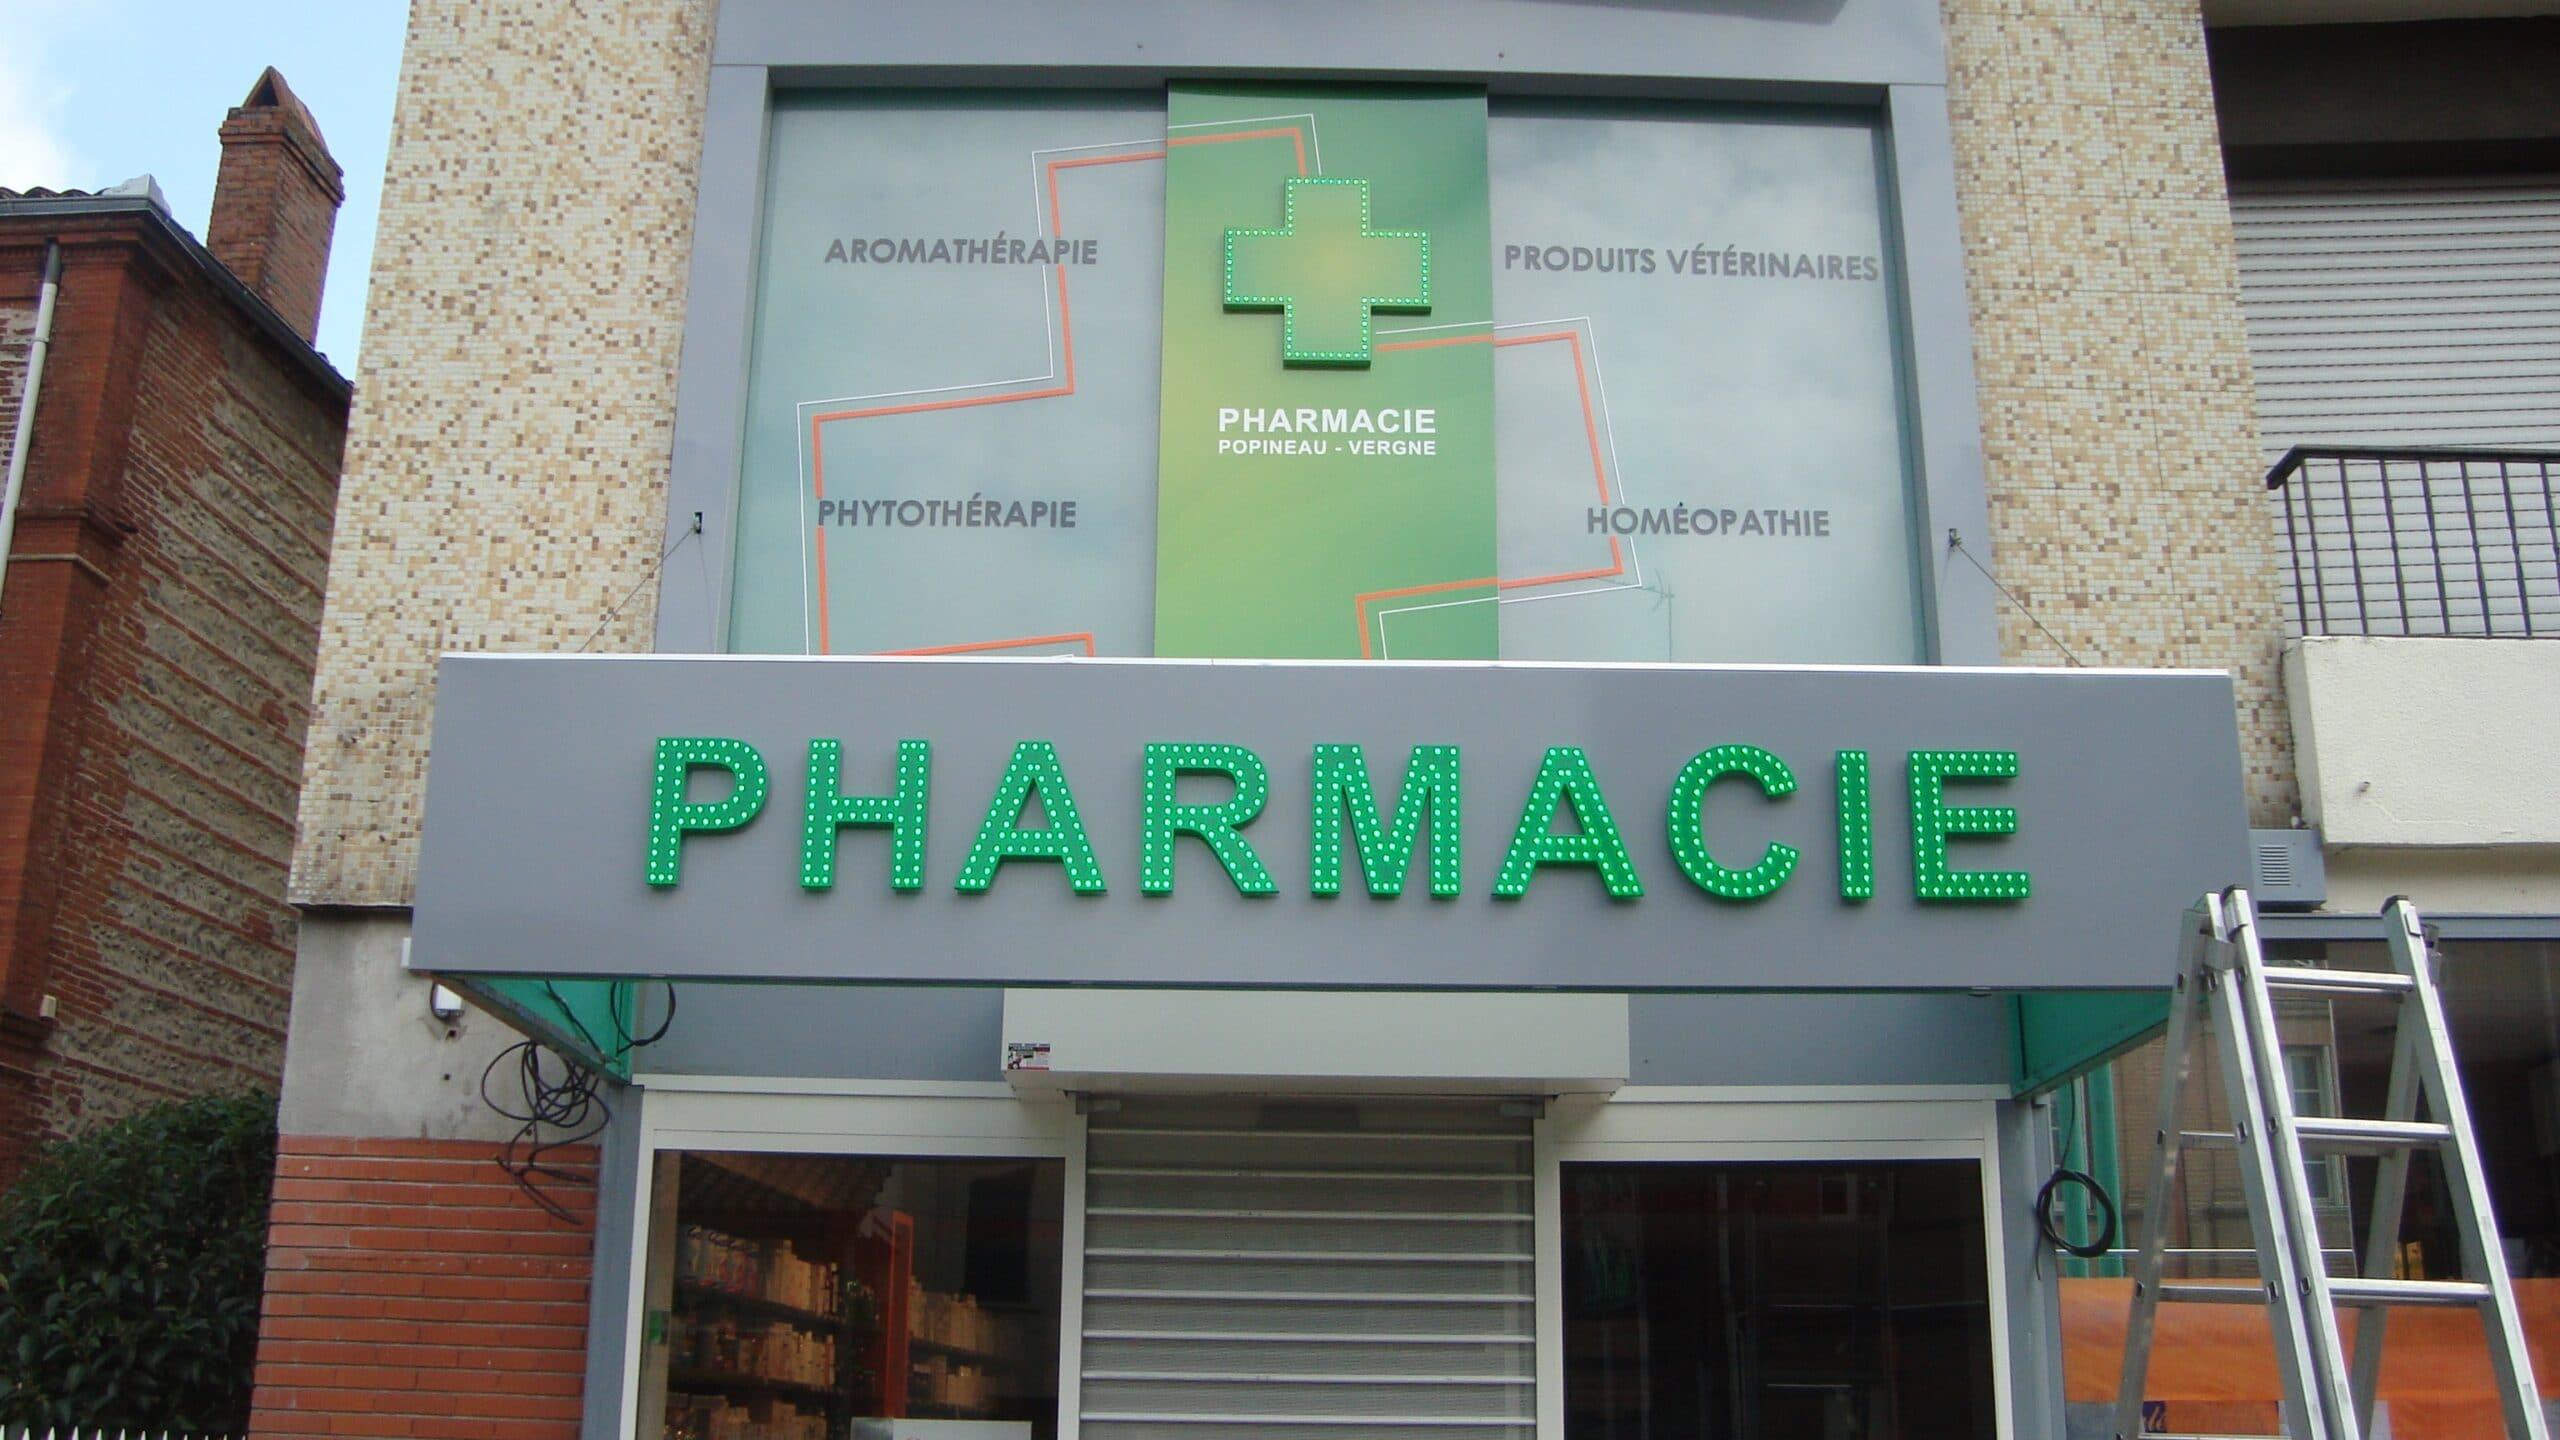 enseigne pharmacie prix enseigne pharmacie led enseigne pharmacie serpent enseigne pharmacie occasion croix pharmacie led prix croix de pharmacie led enseigne lumineuse pharmacie croix pharmacie pas cher Enseigniste Toulouse Lettres points led, adhésif vitrine pharmacie